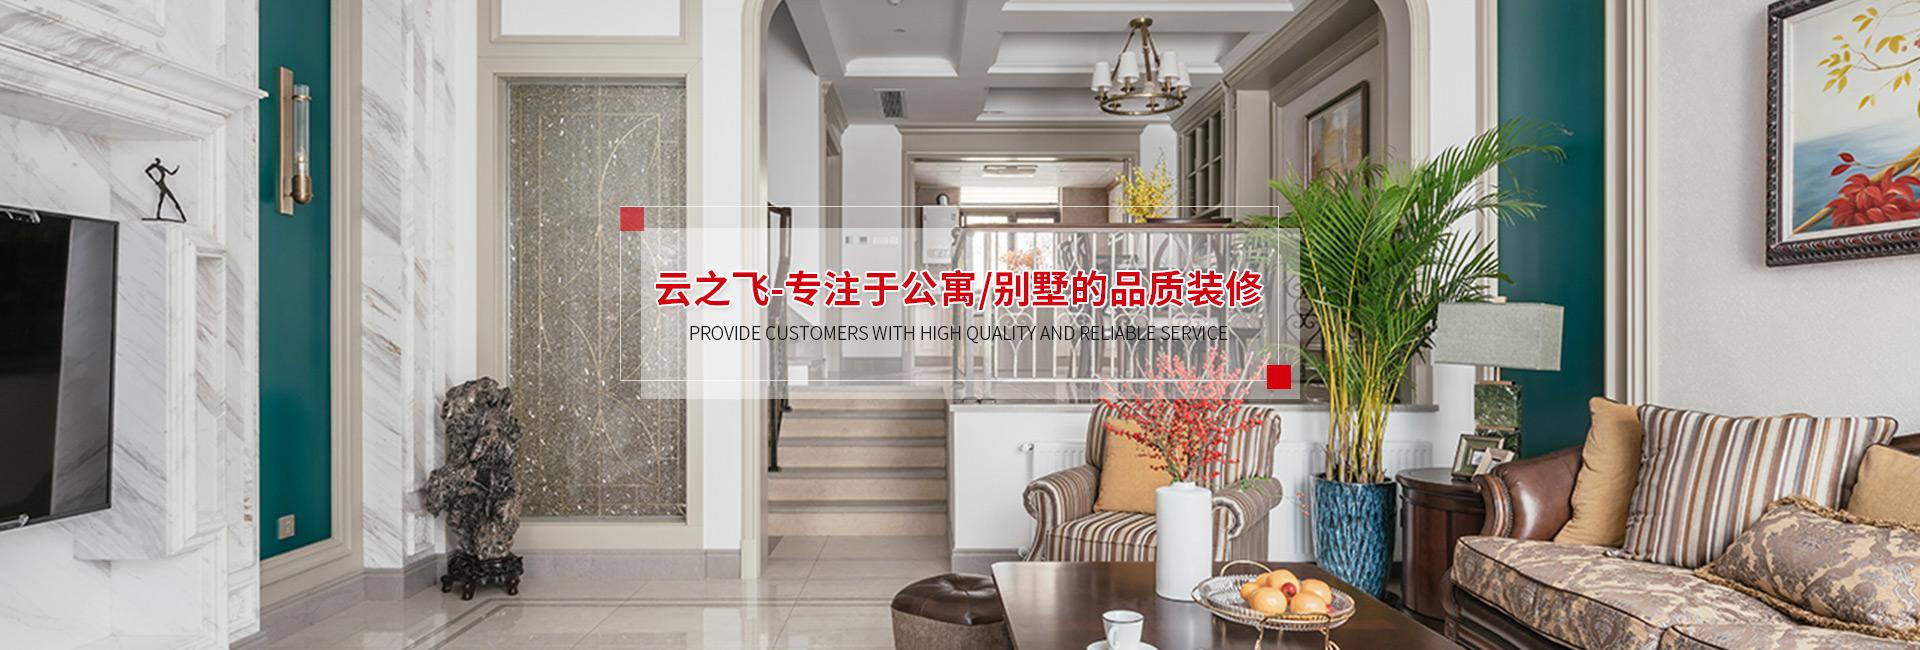 上海云之飞建筑装饰工程有限公司